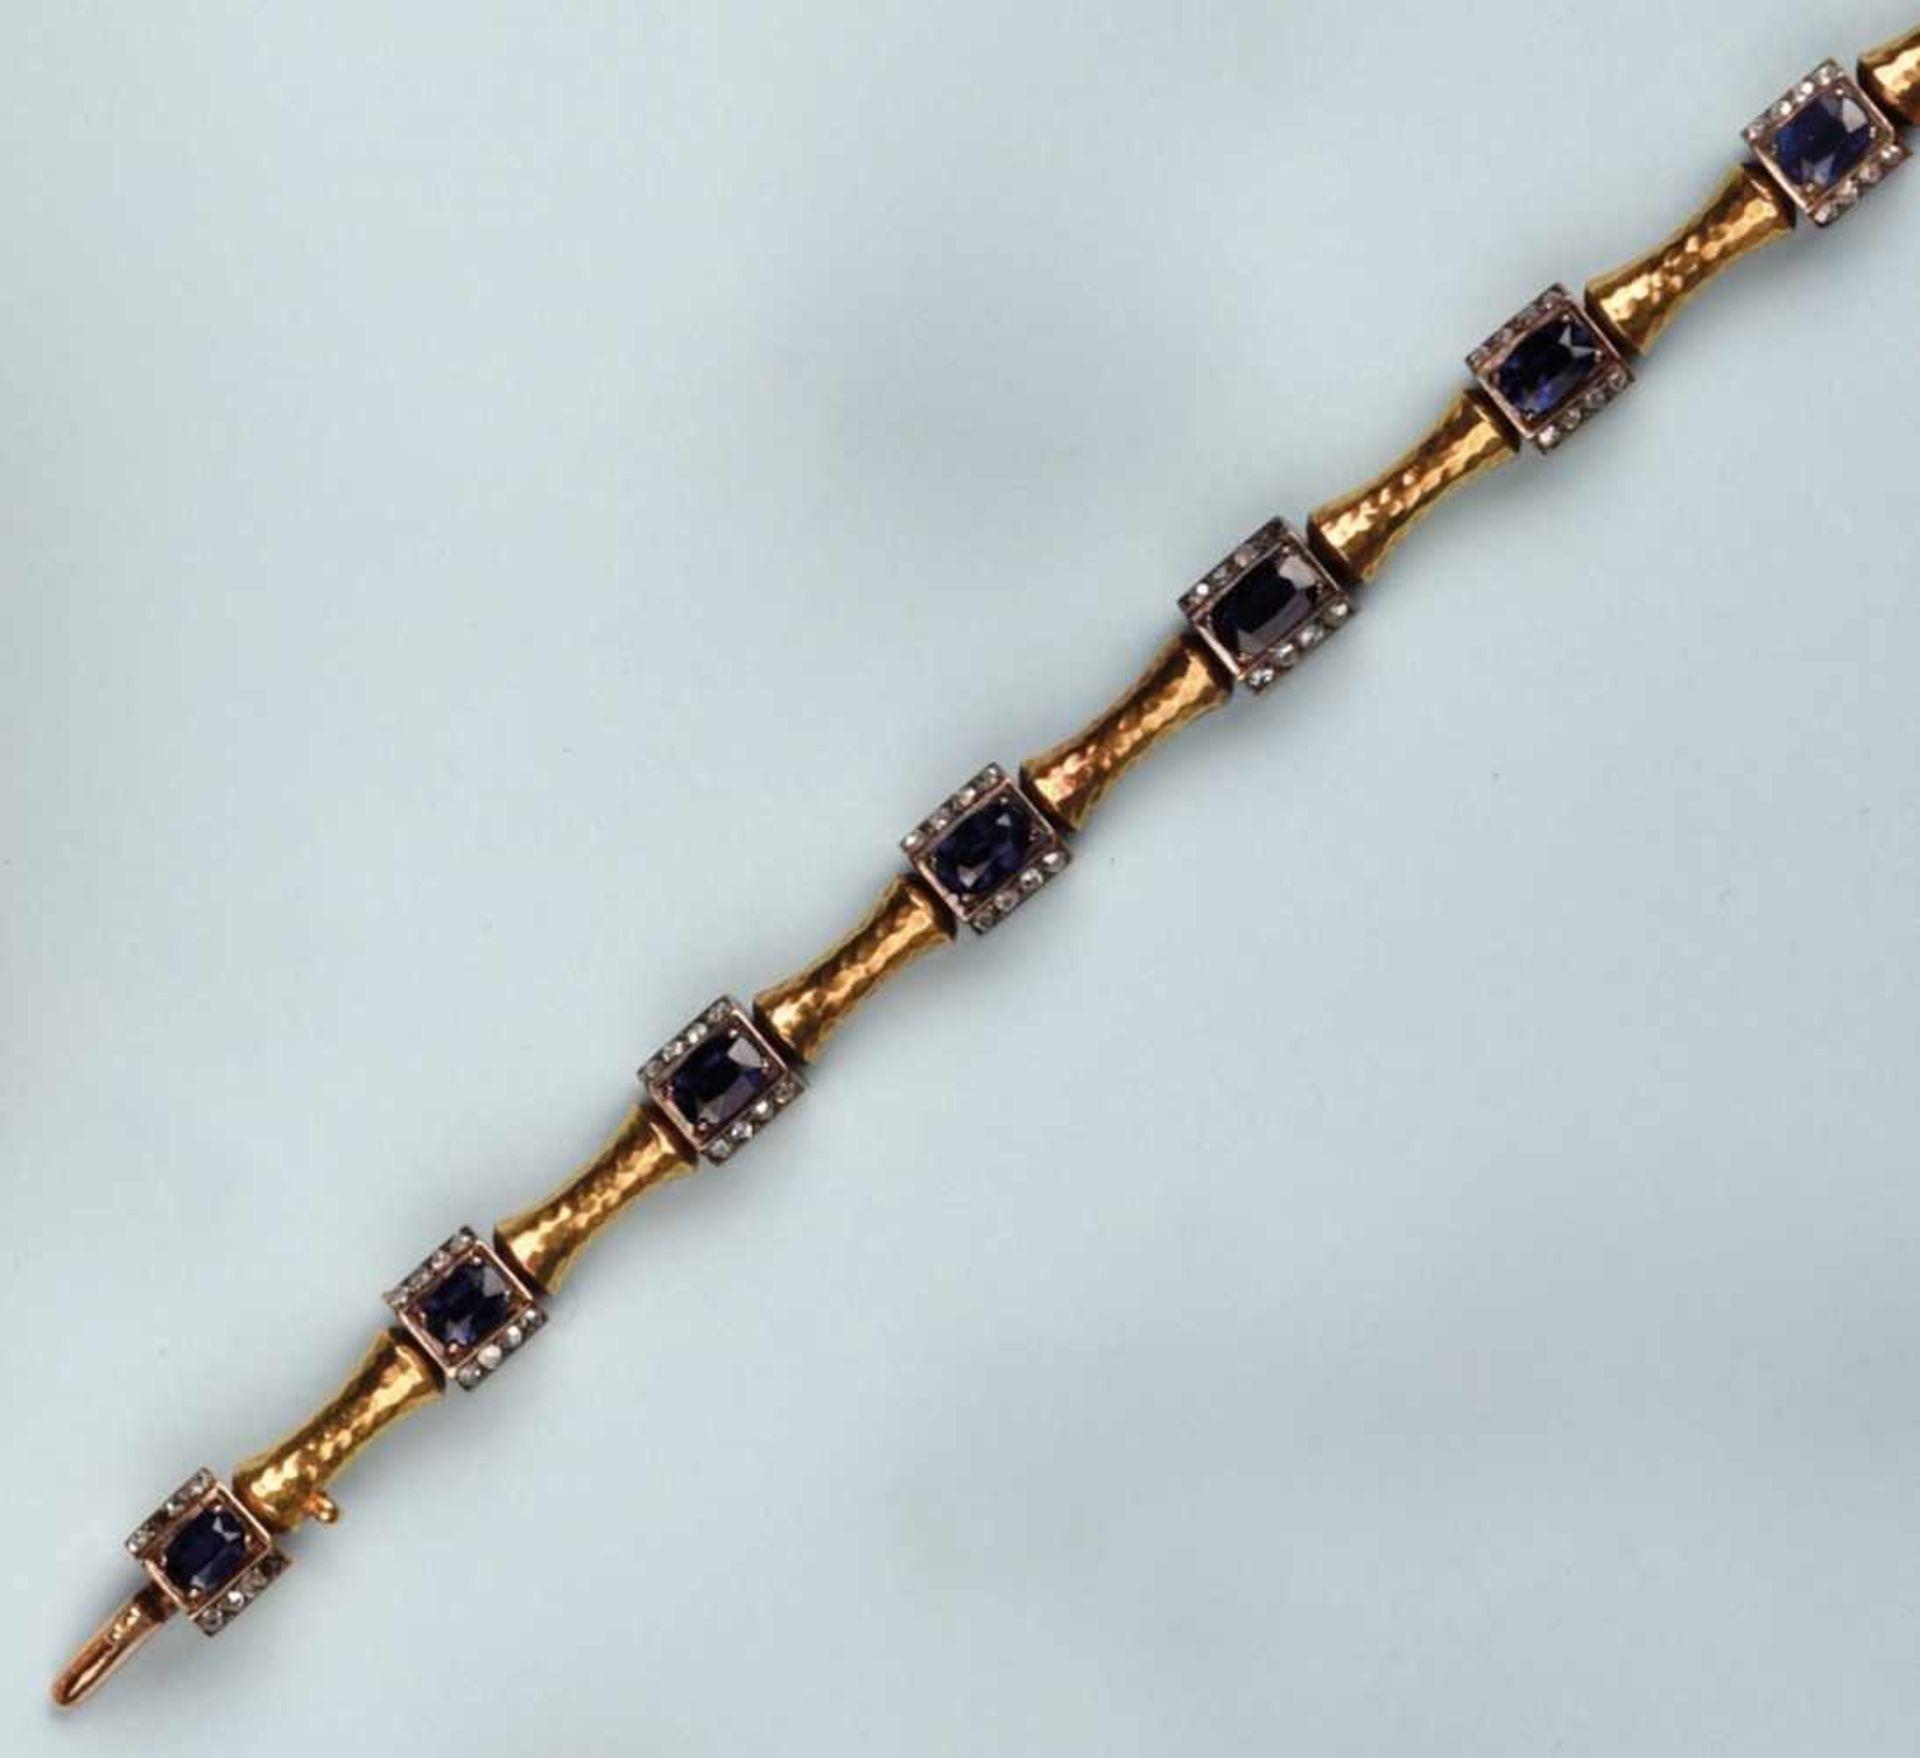 Bracelet souple or jaune 750. Il est composé de mailles bâtonnets à surface amatie. Les